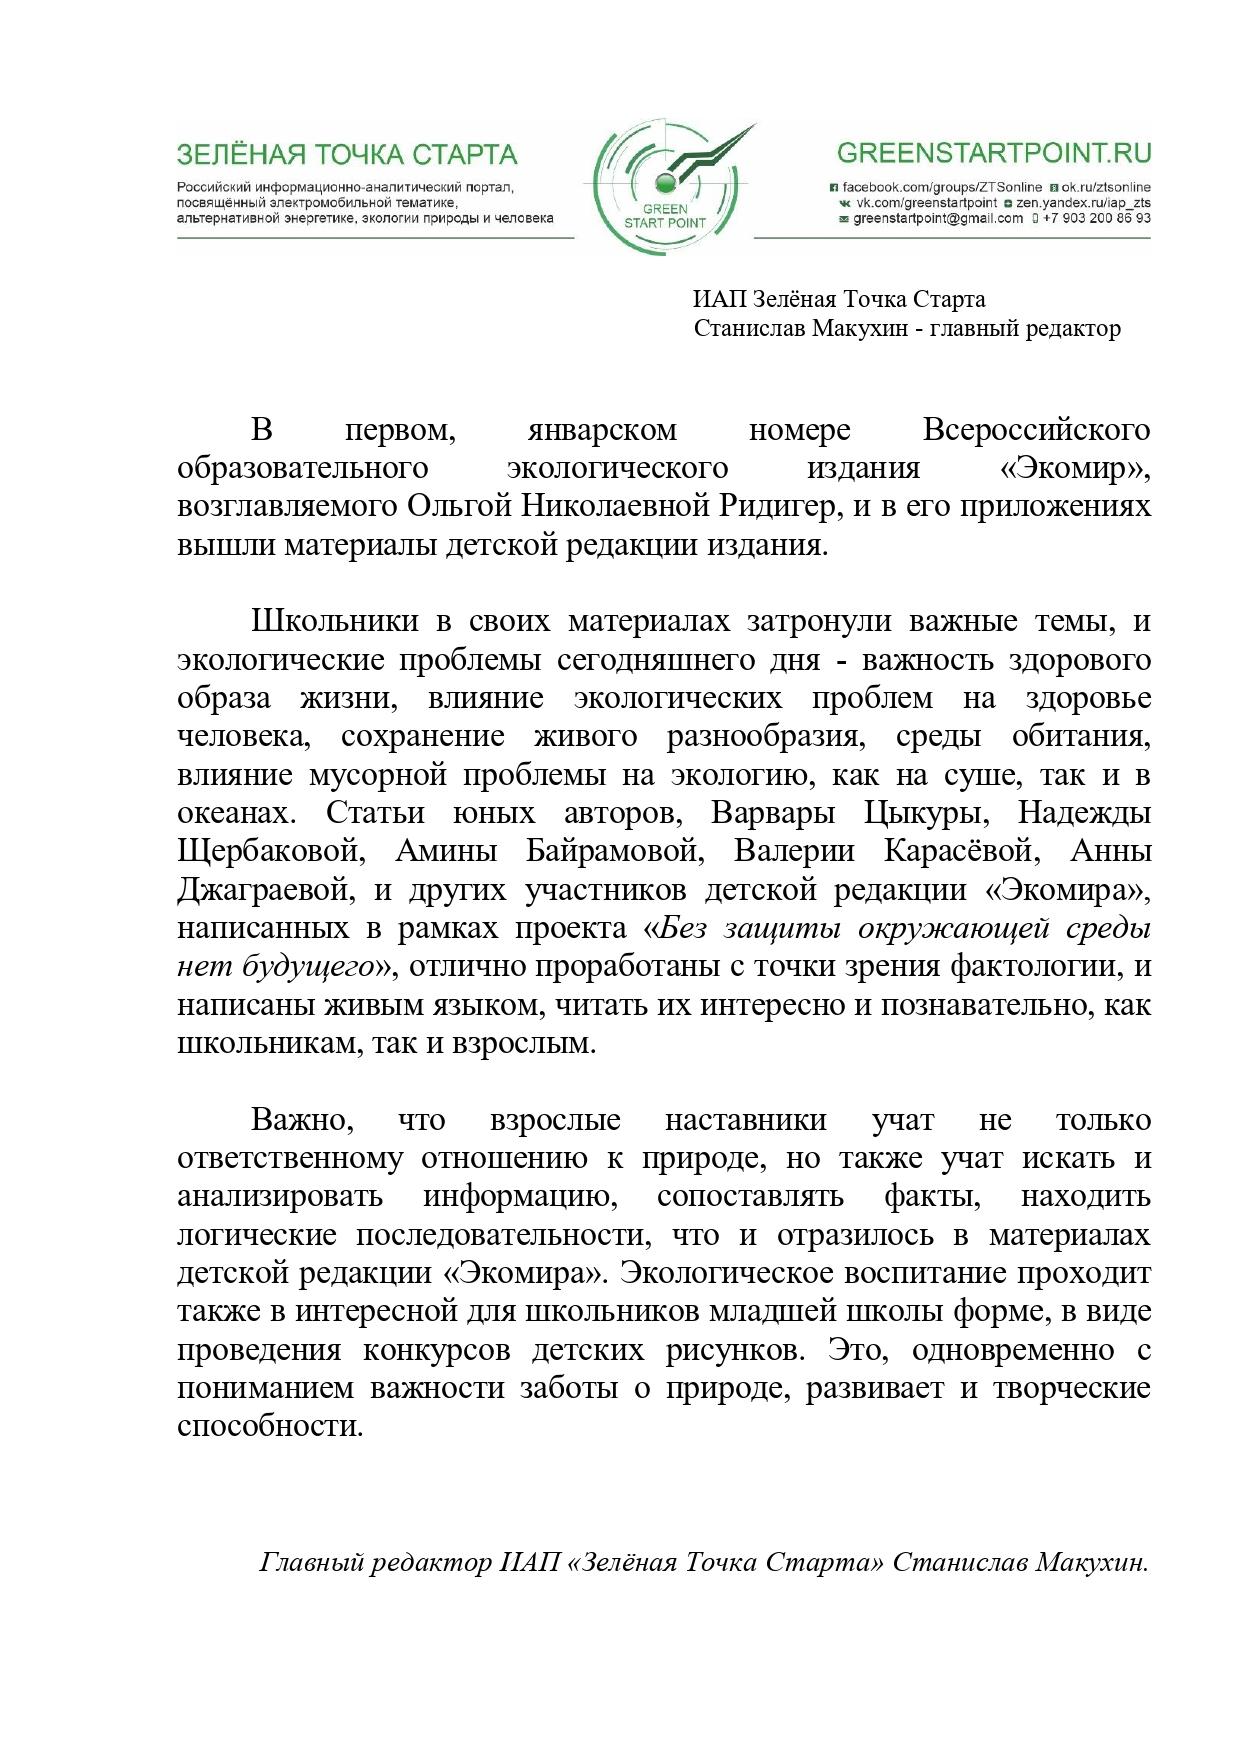 ИАП-Зелёная-Точка-Старта-о-детской-редакции-Экомира